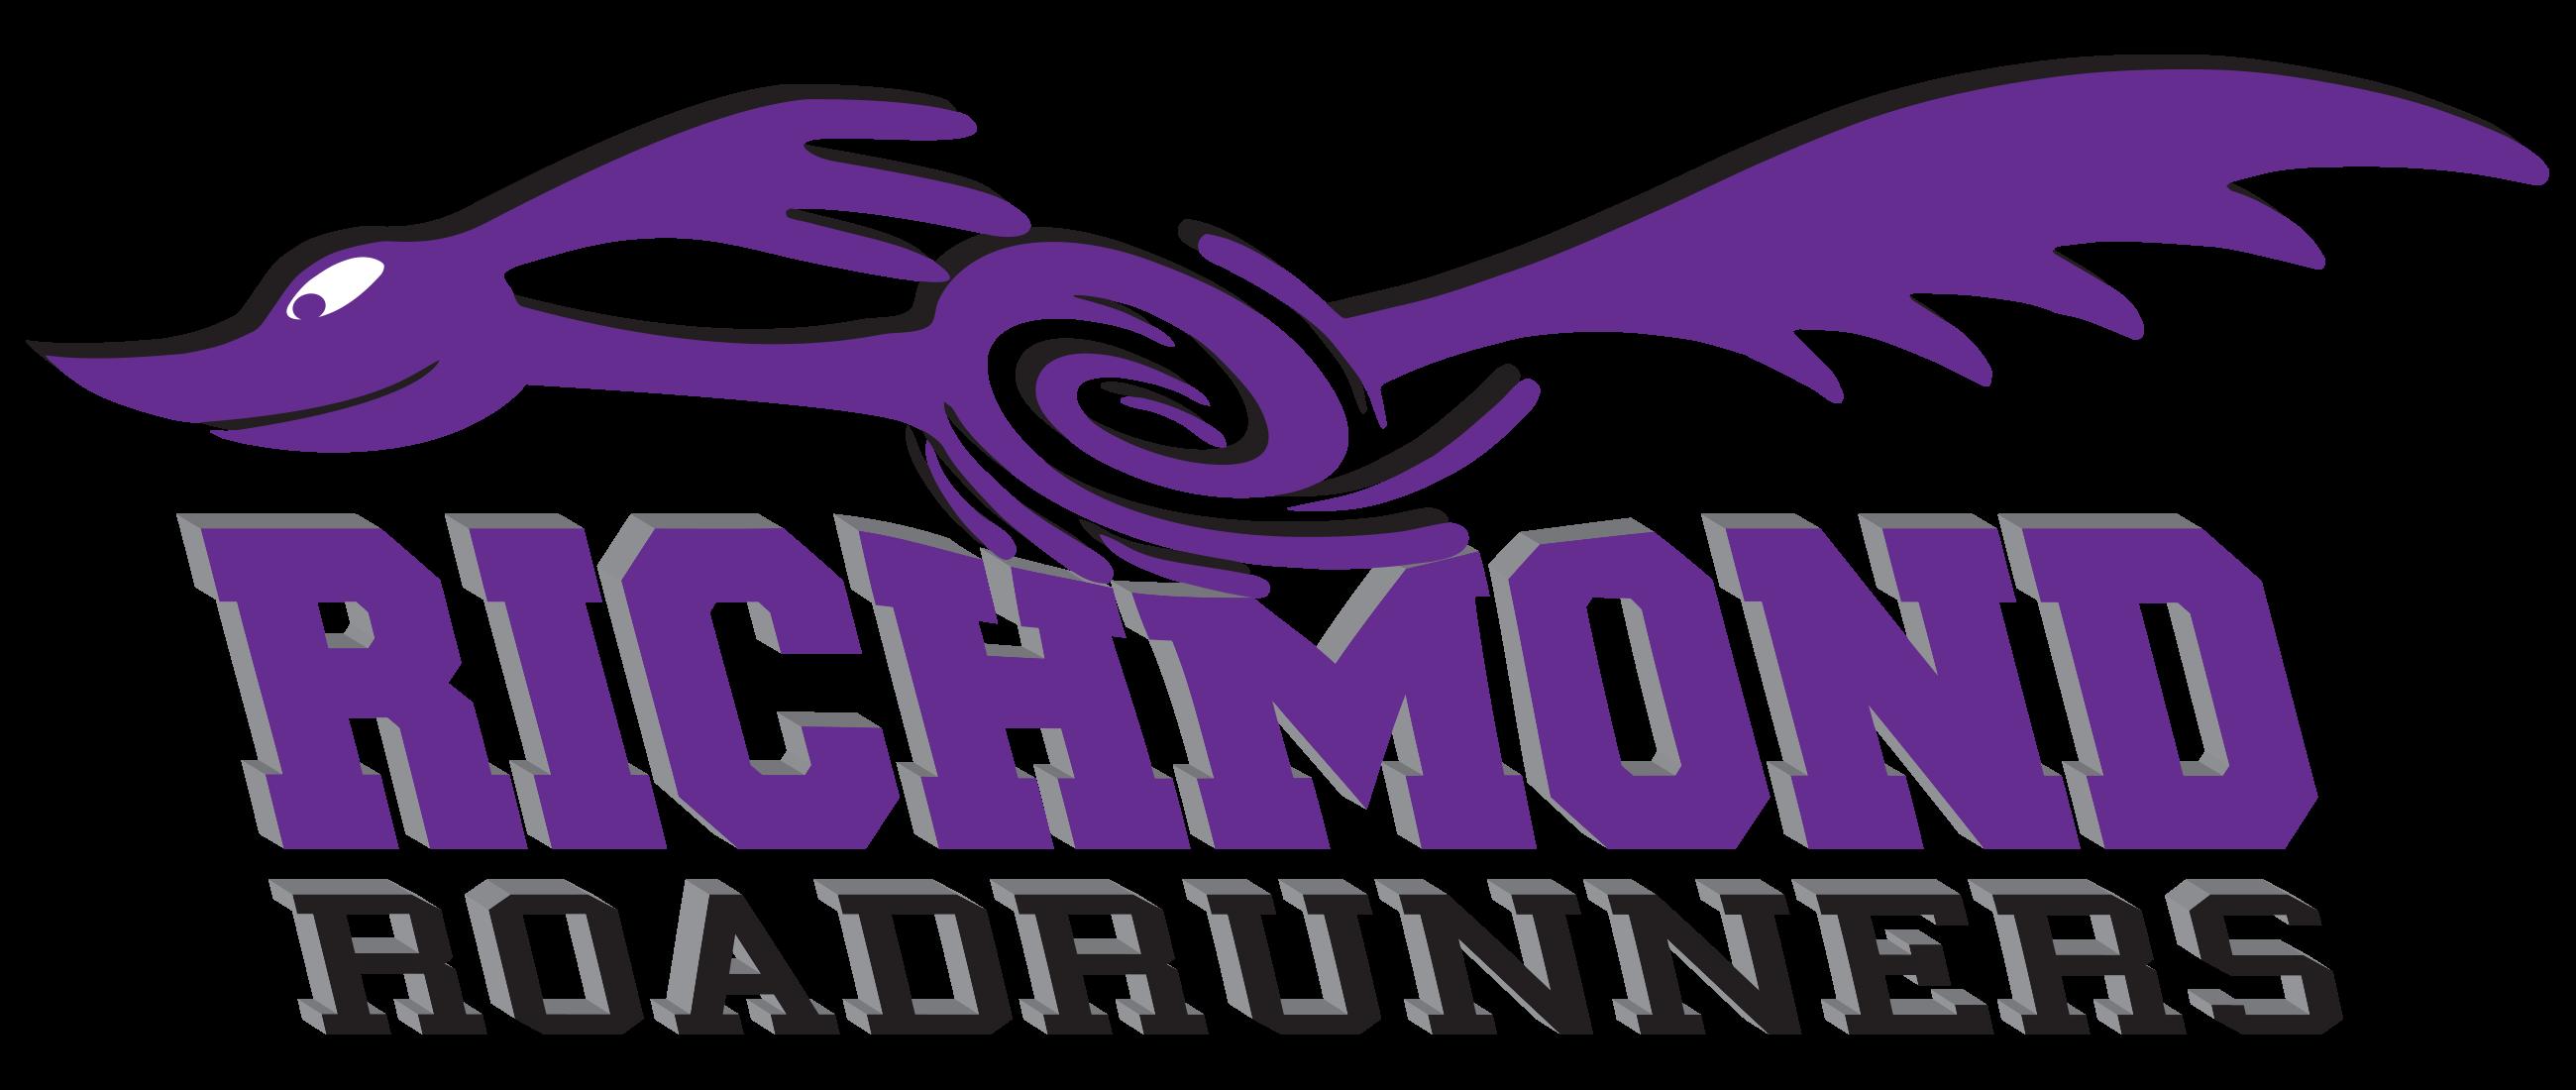 Richmond Roadrunners full logo